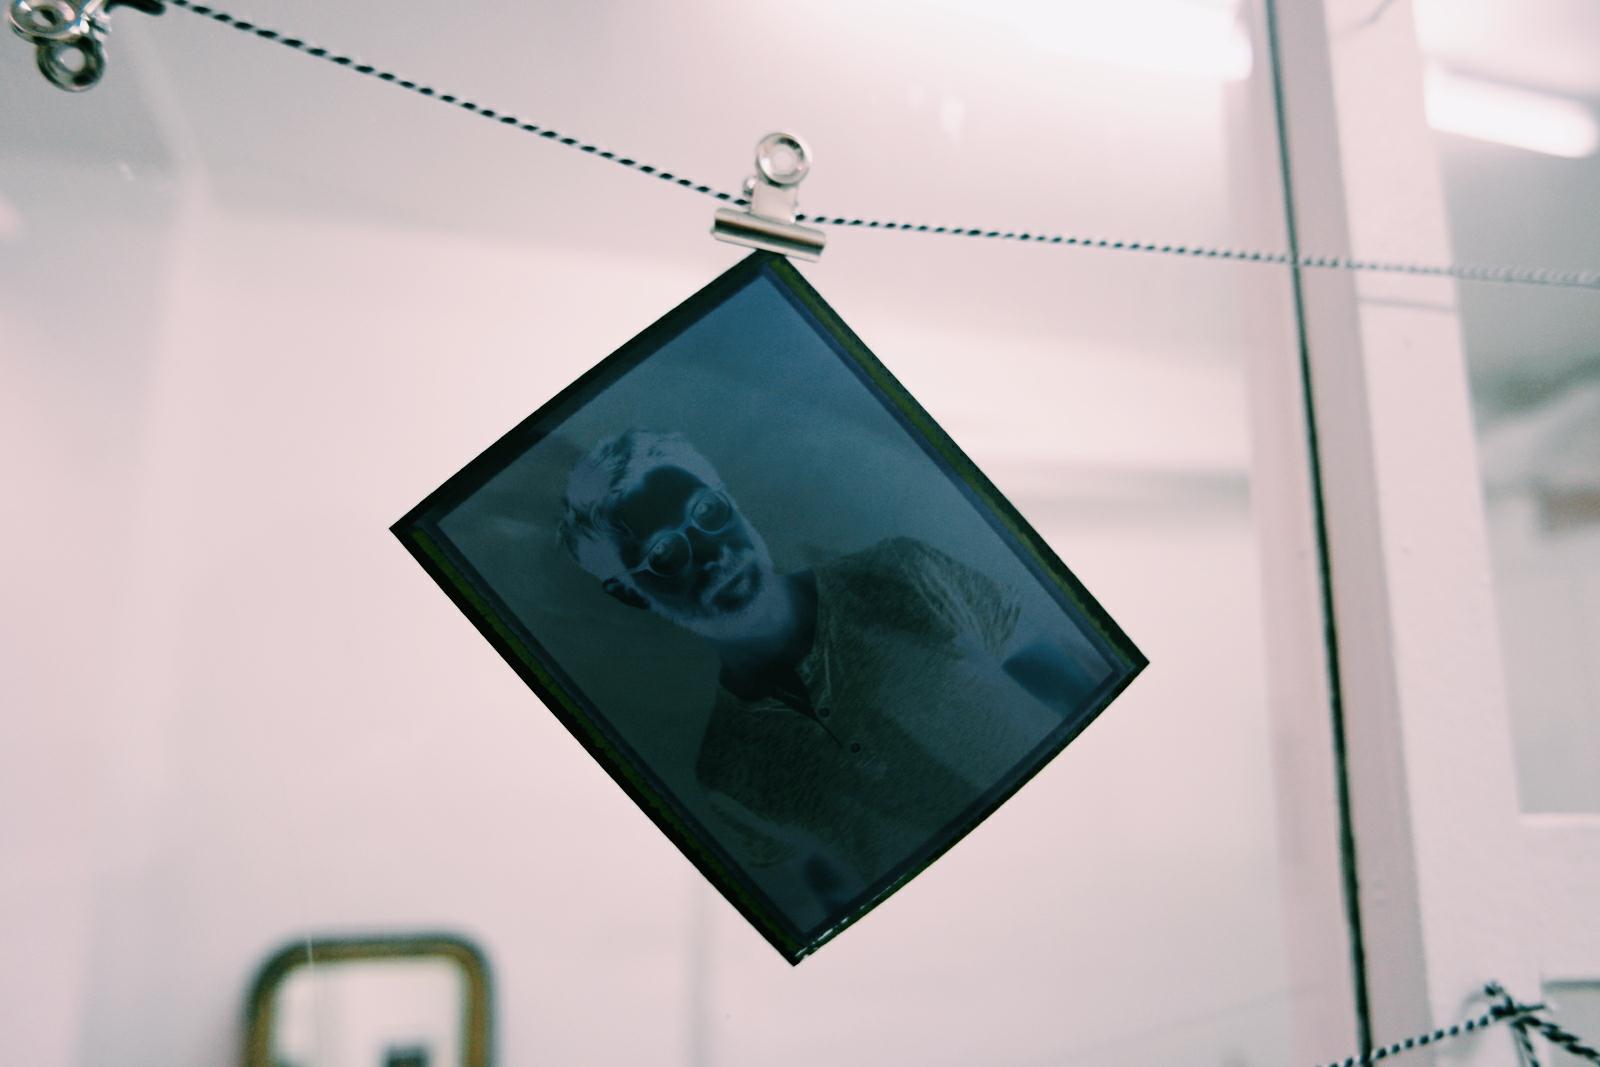 Négatif-dun-tirage-Polaroïd-du-photographe-David-Haffen-séance-photo-en-studio-montorgueil-ou-dans-la-rue-pic-by-united-states-of-paris-usofparis-blog